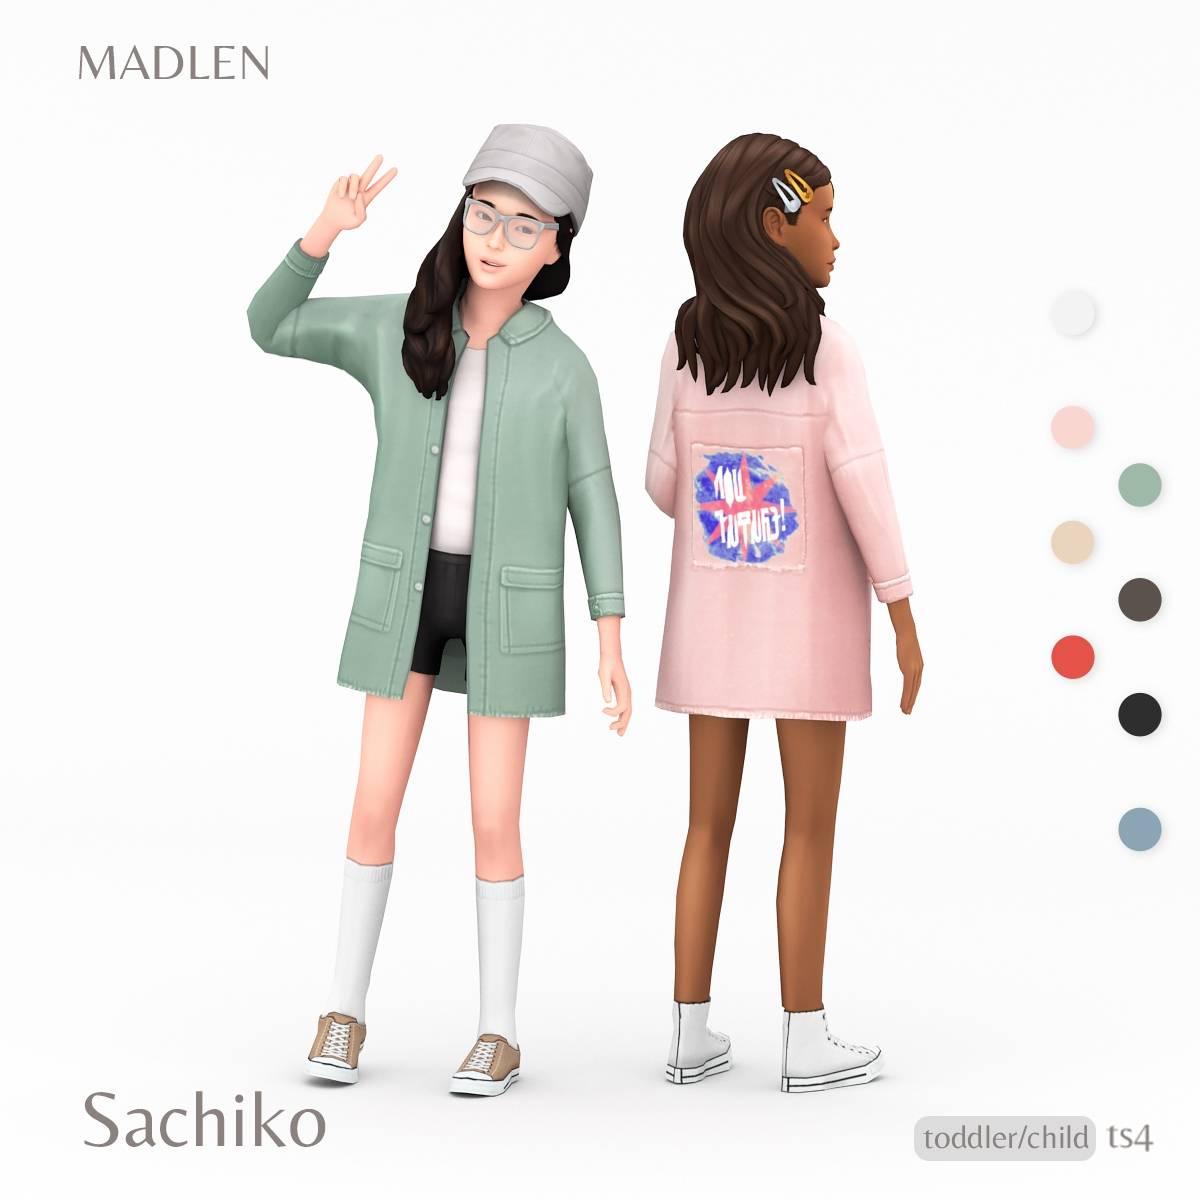 Комплект одежды для детей и тоддлеров - Sachiko Outfit